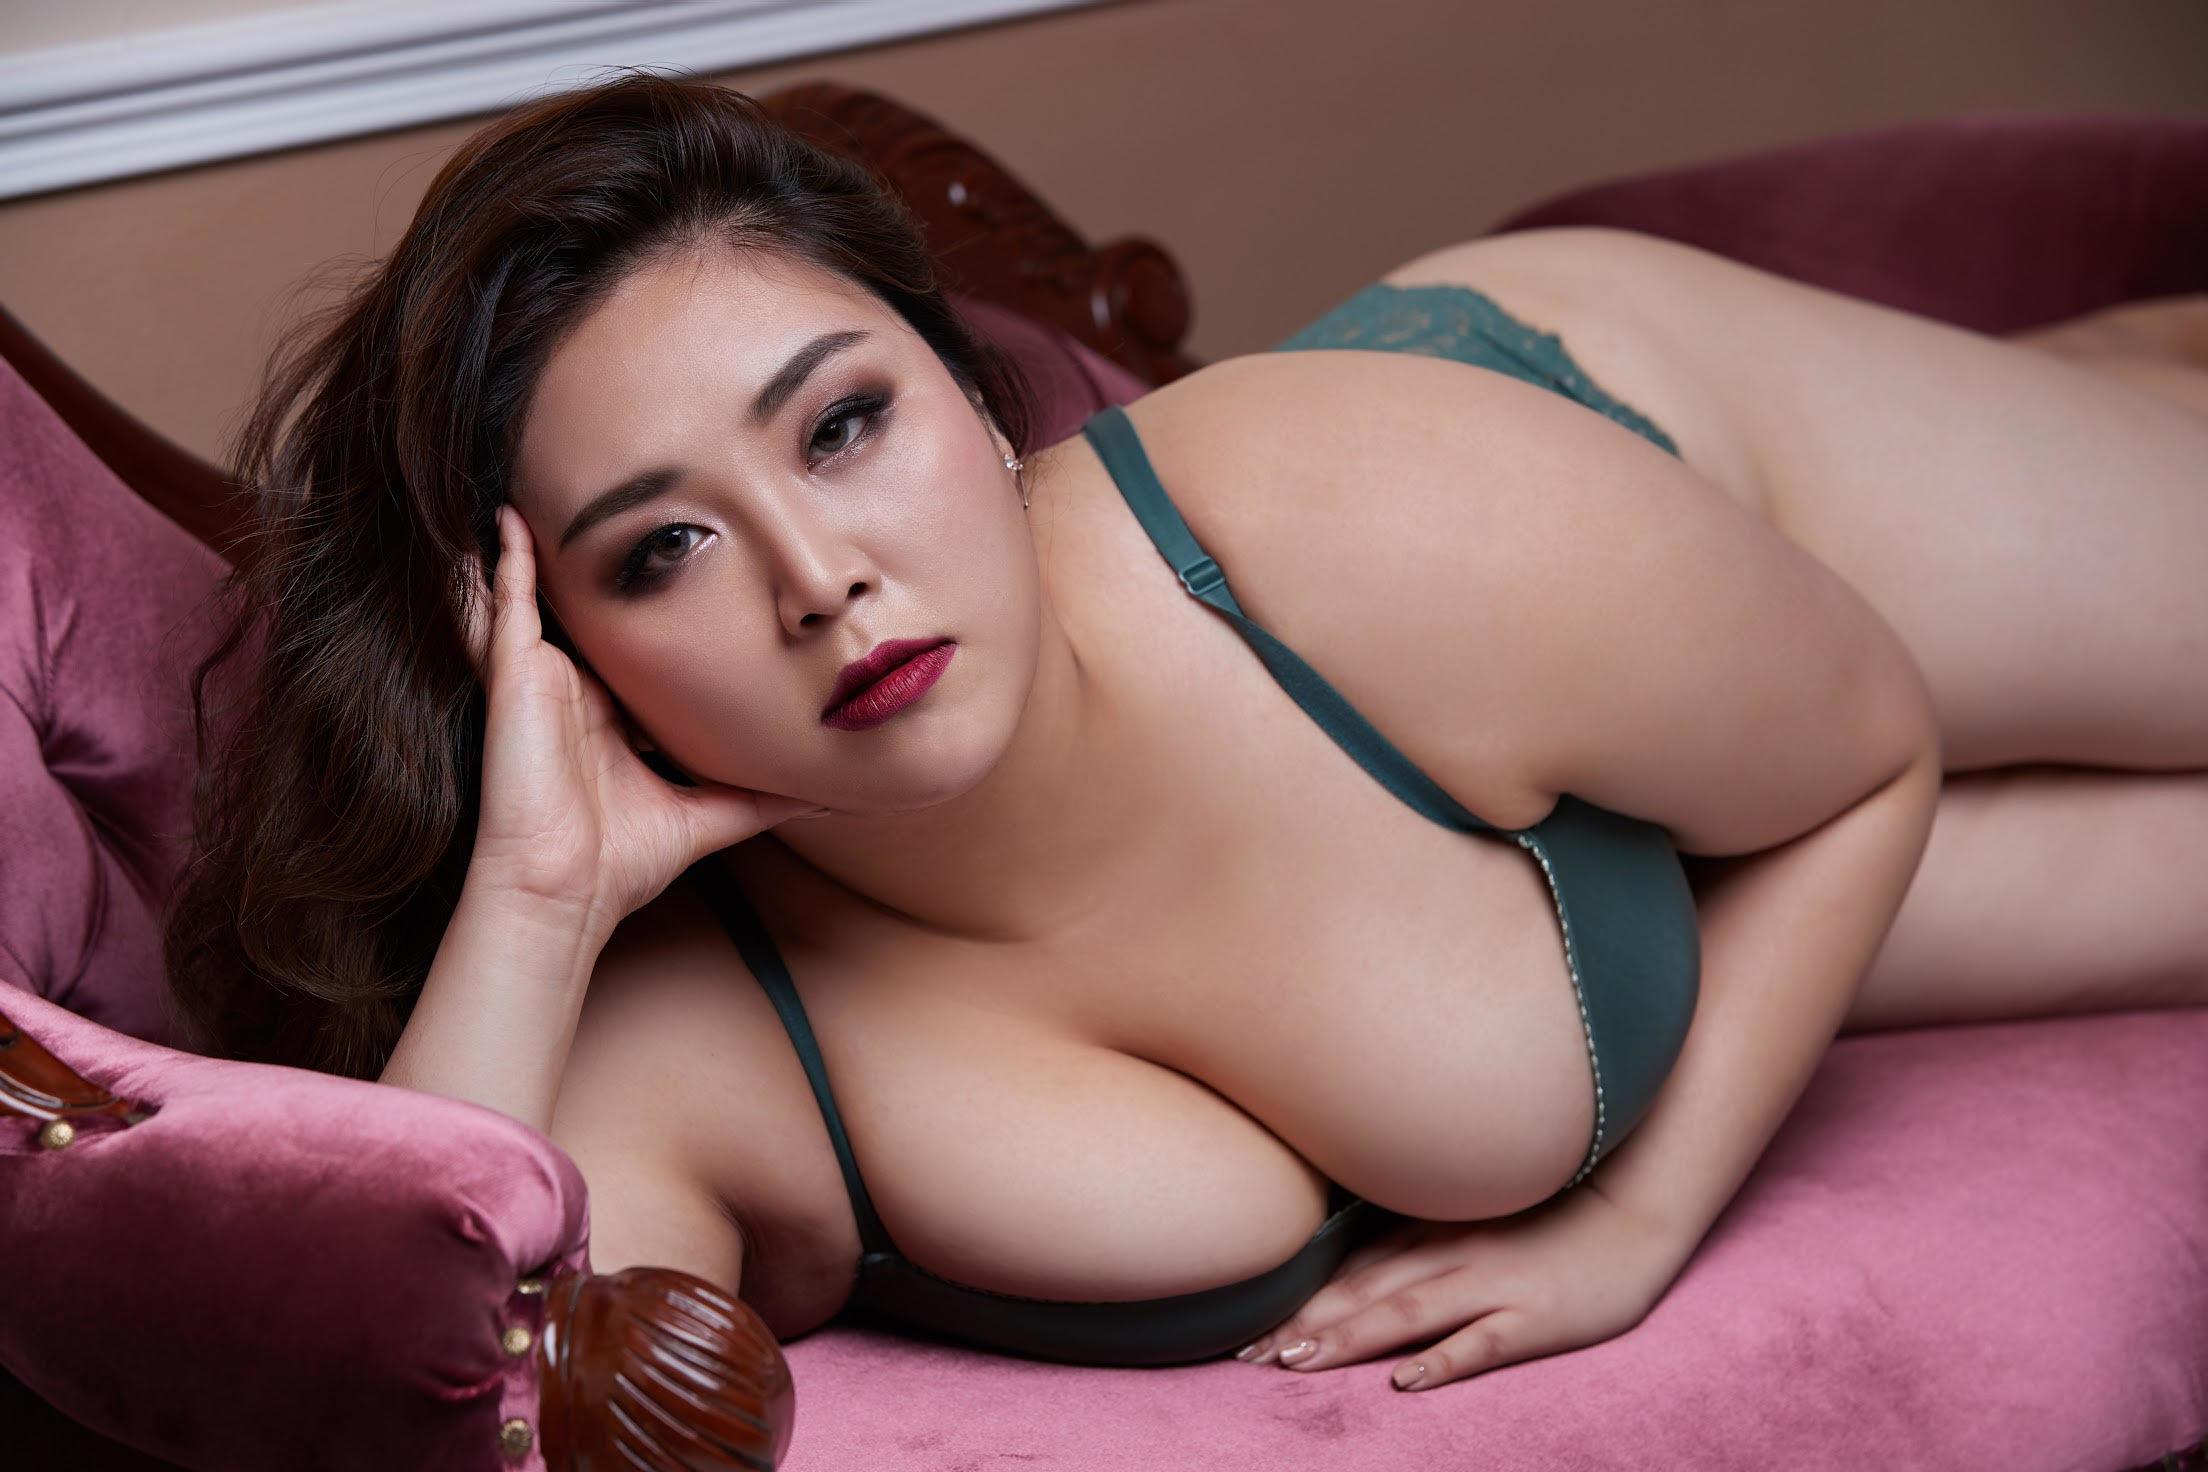 Porn little april and friend